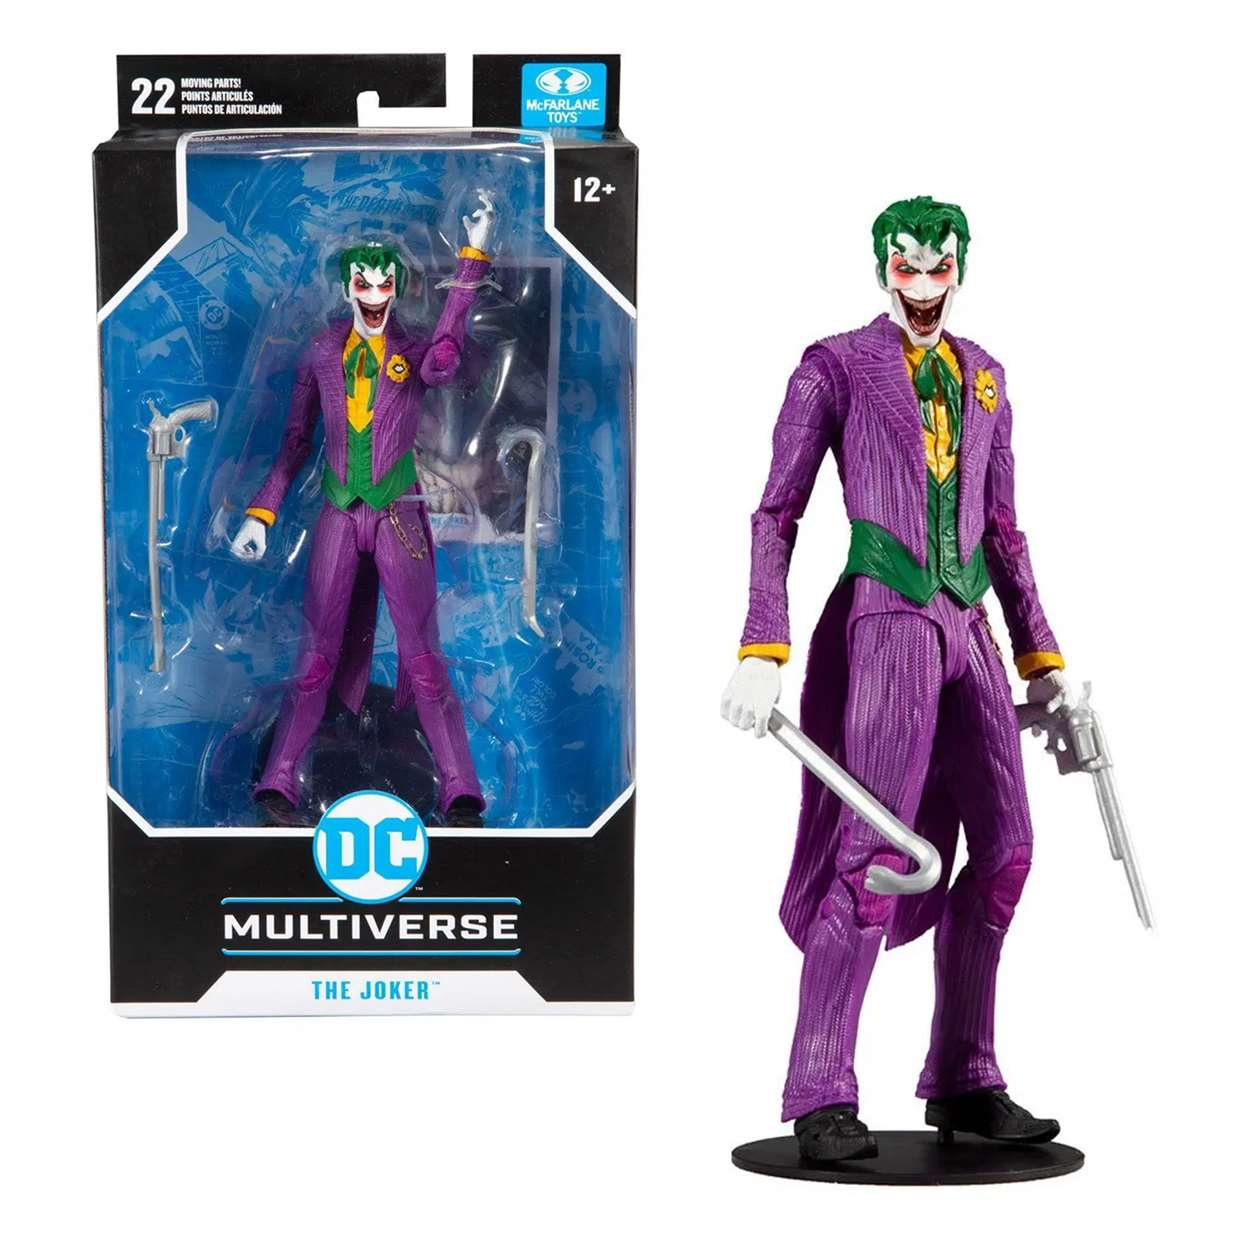 The Joker Rebirth Figura Dc Multiverse Mc Farlane